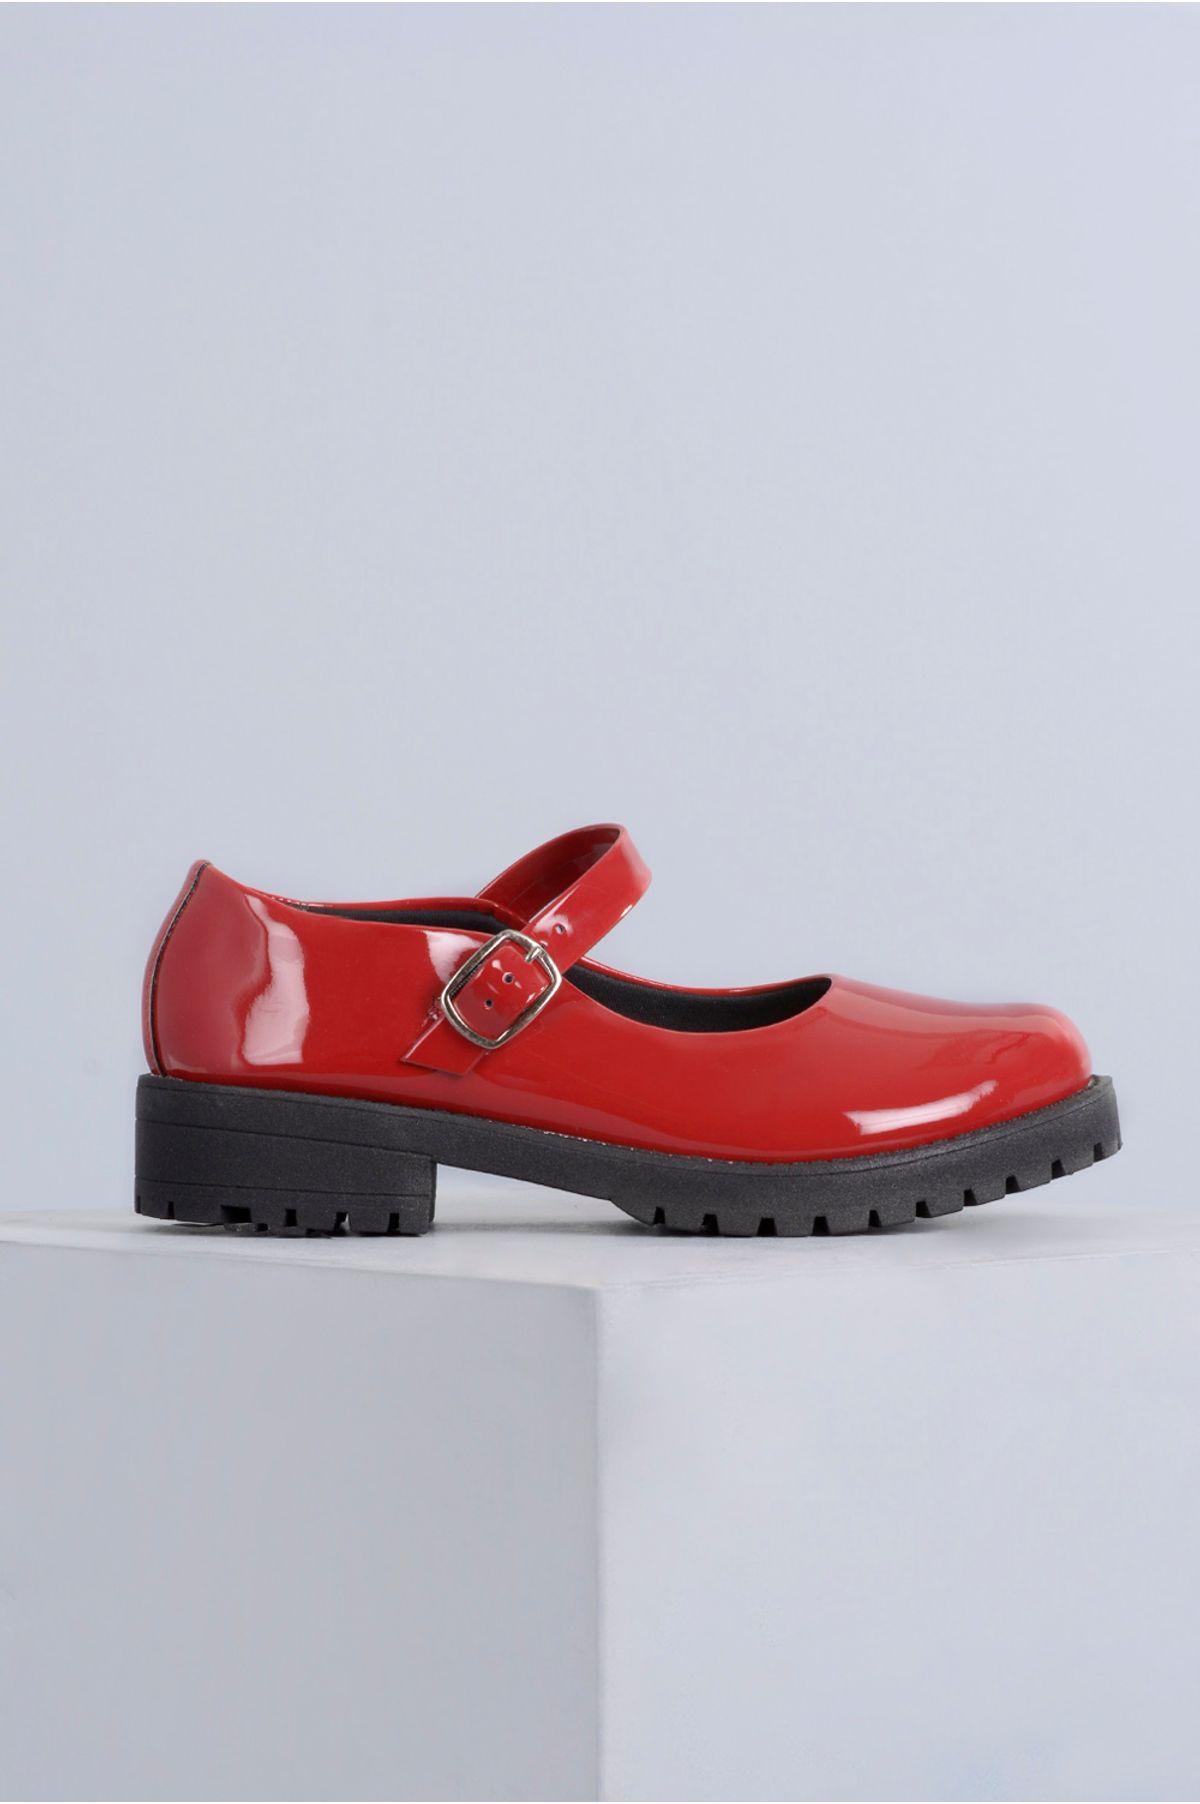 800e1cb1298 Sapato Feminino Boneca Cleo Mundial VERNIZ - VERMELHO - Mundial Calçados